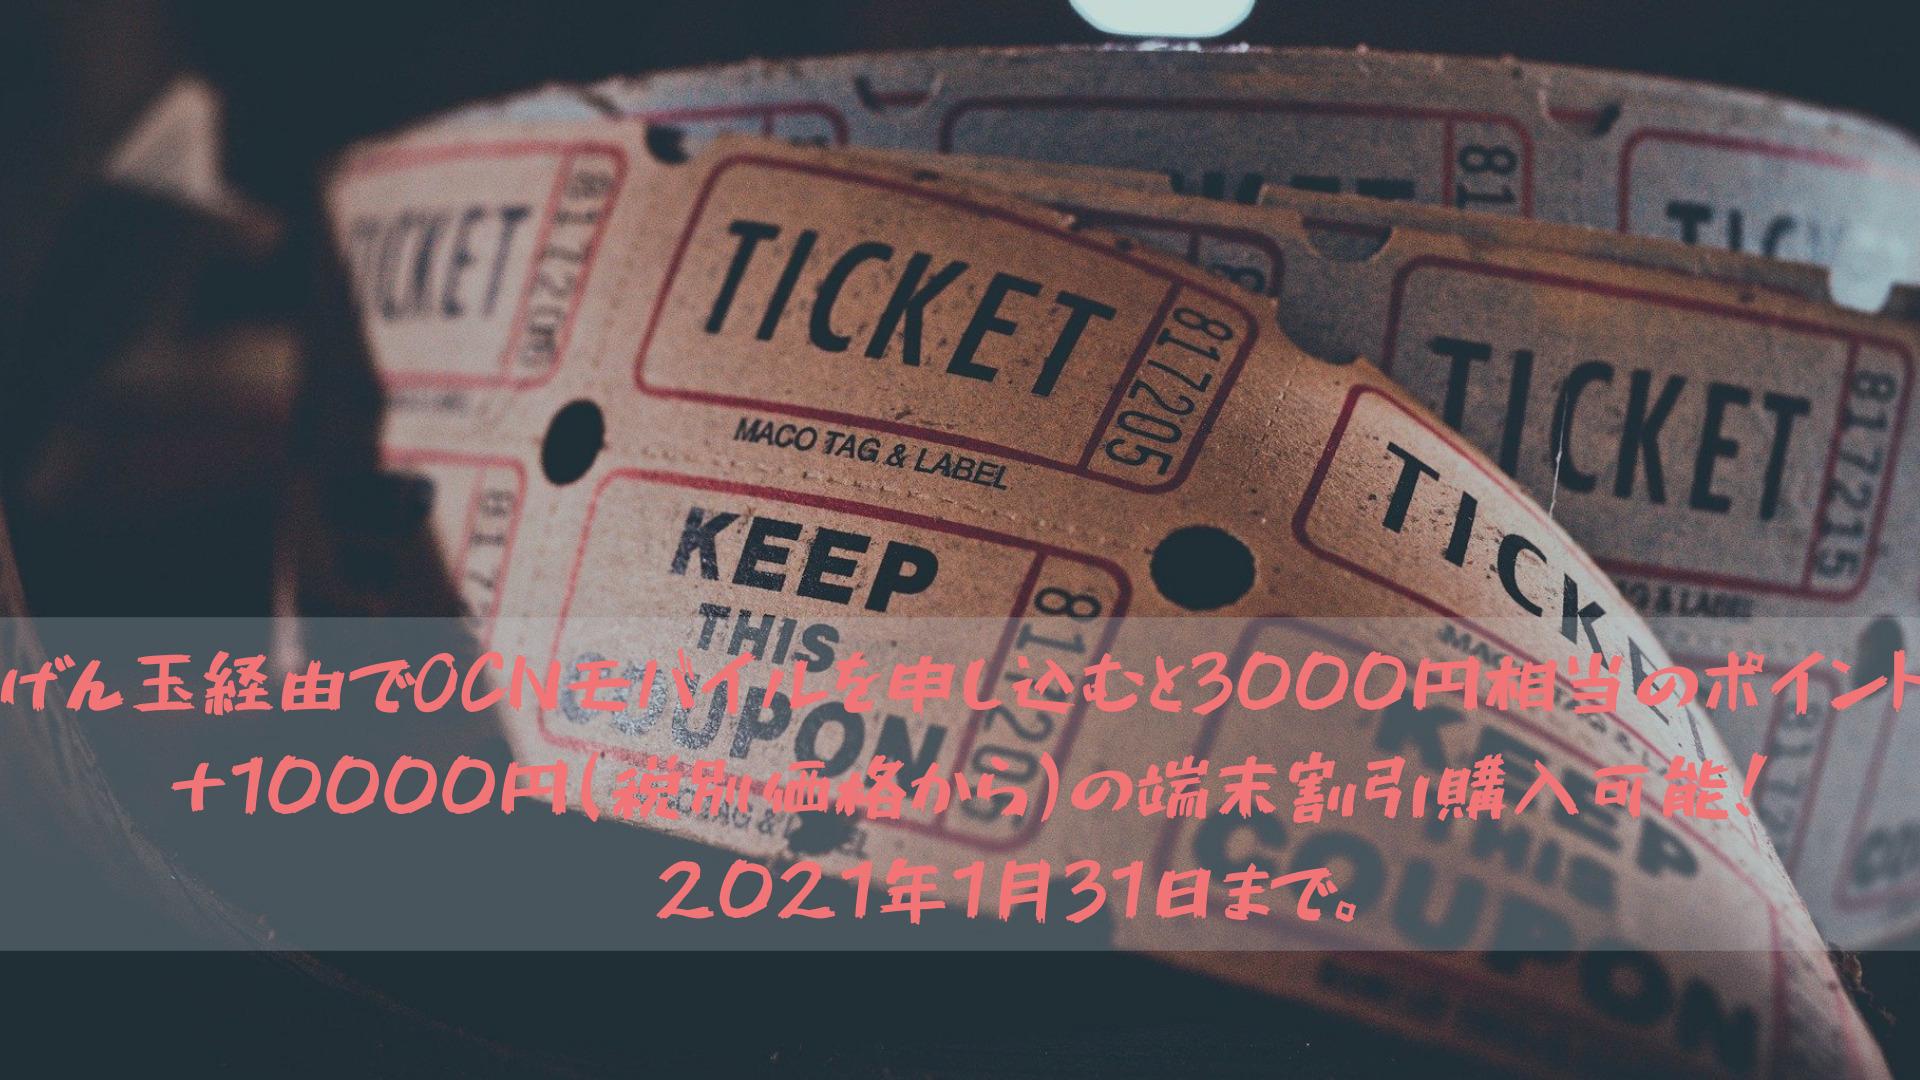 げん玉経由でOCNモバイルを申し込むと3000円相当のポイント+10000円(税別価格から)の端末割引購入可能!※2021年1月31日まで。